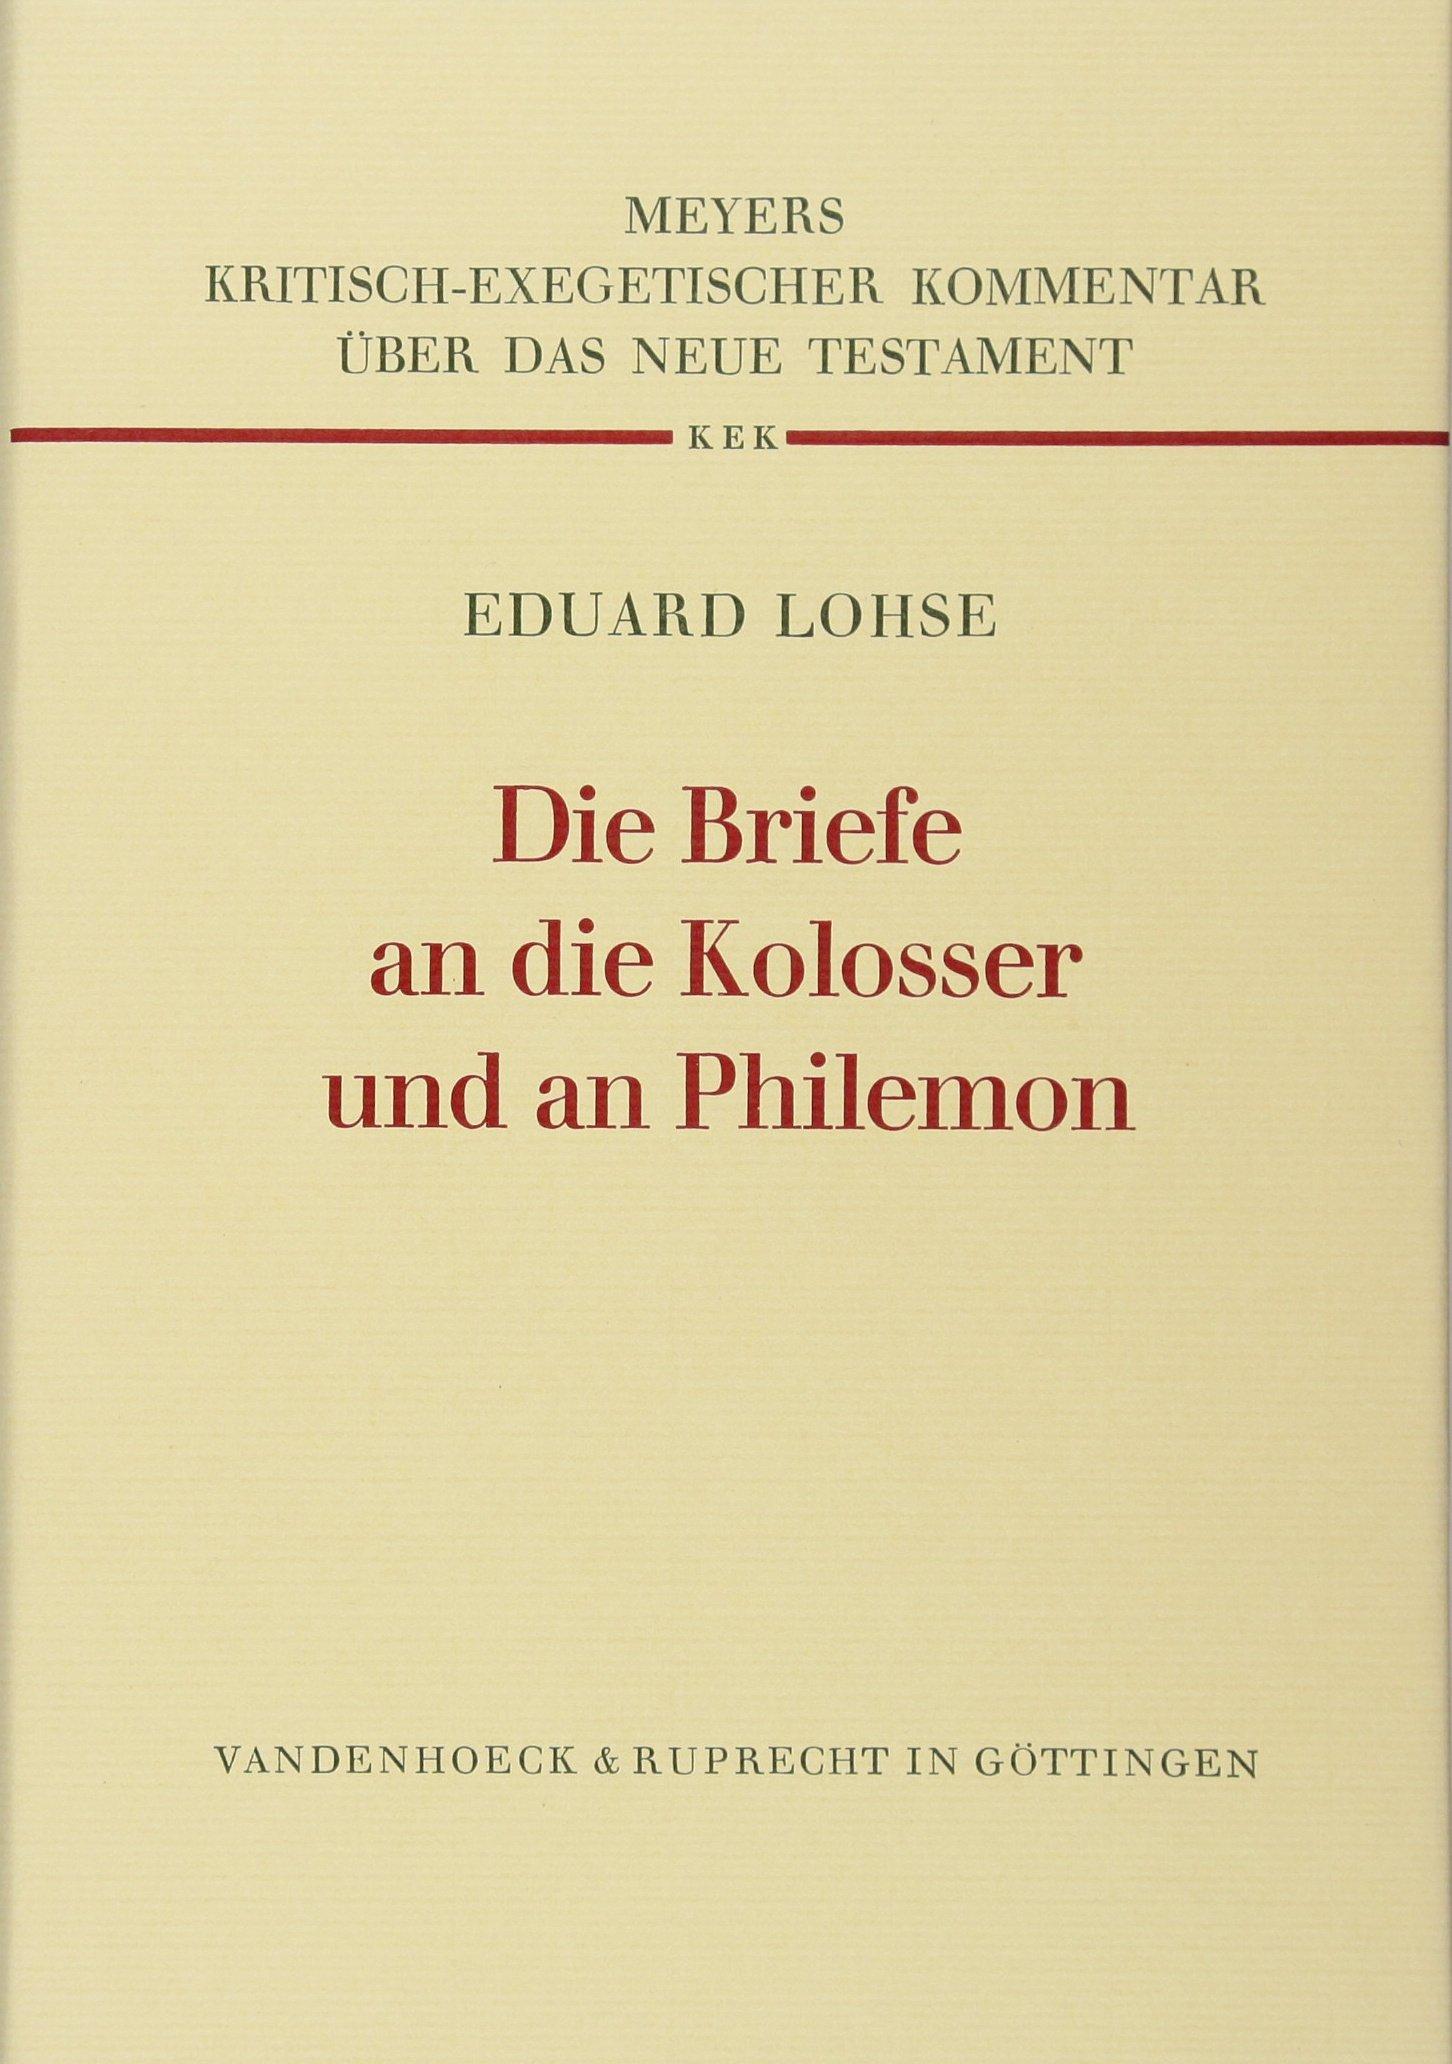 Kritisch-exegetischer Kommentar über das Neue Testament.: Die Briefe an die Kolosser und an Philemon